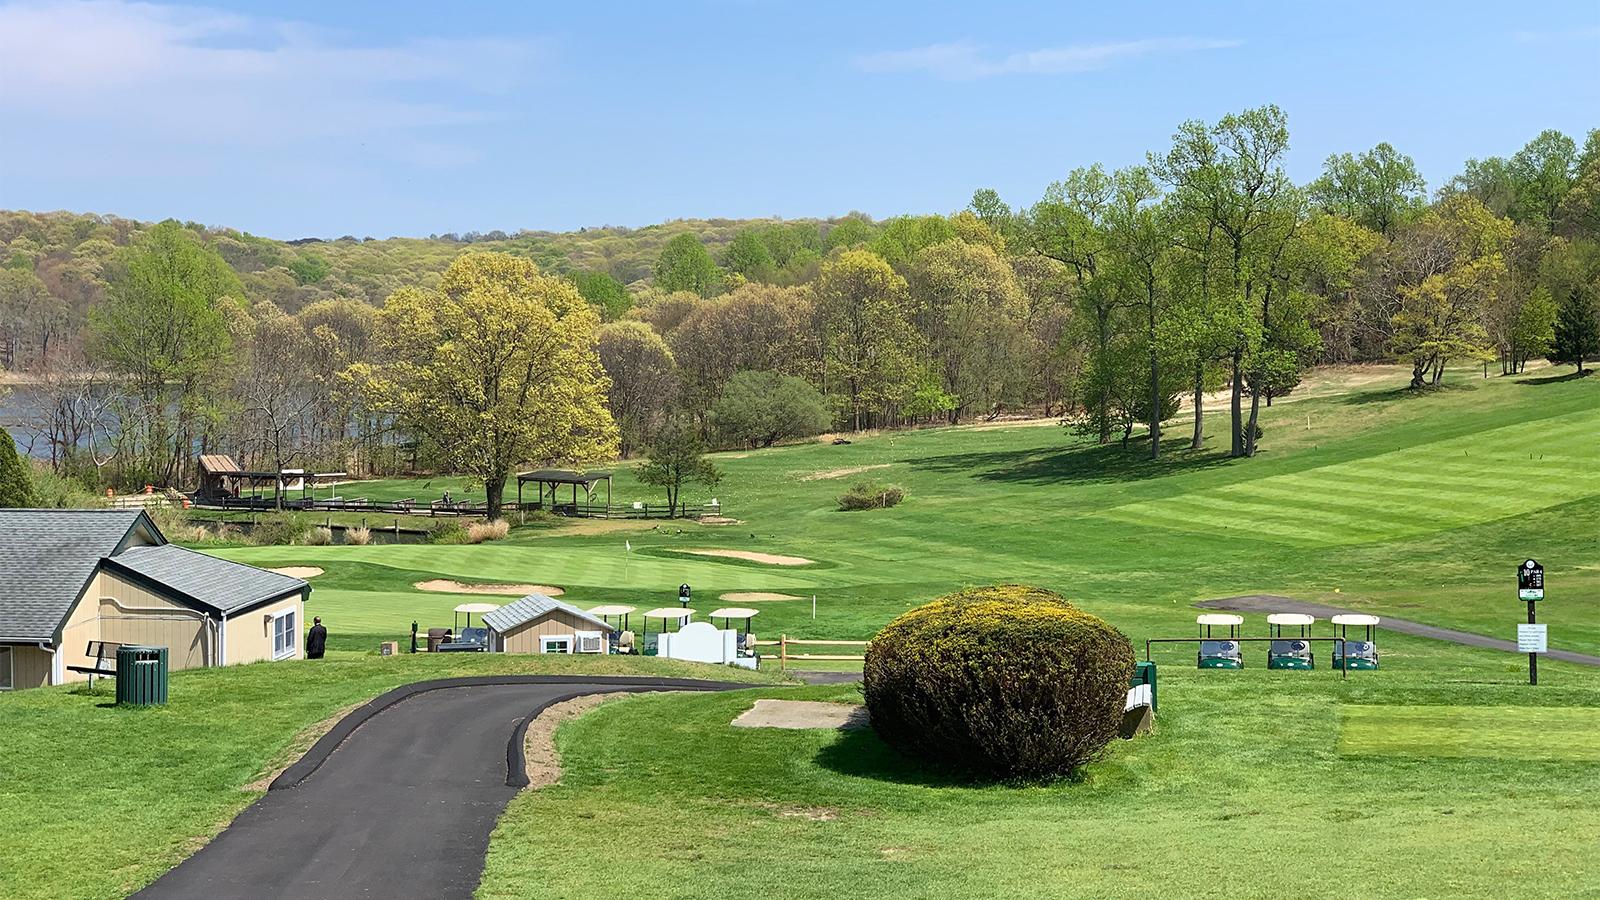 Golf tournament celebrating Gene Sarazen coming to Smithtown